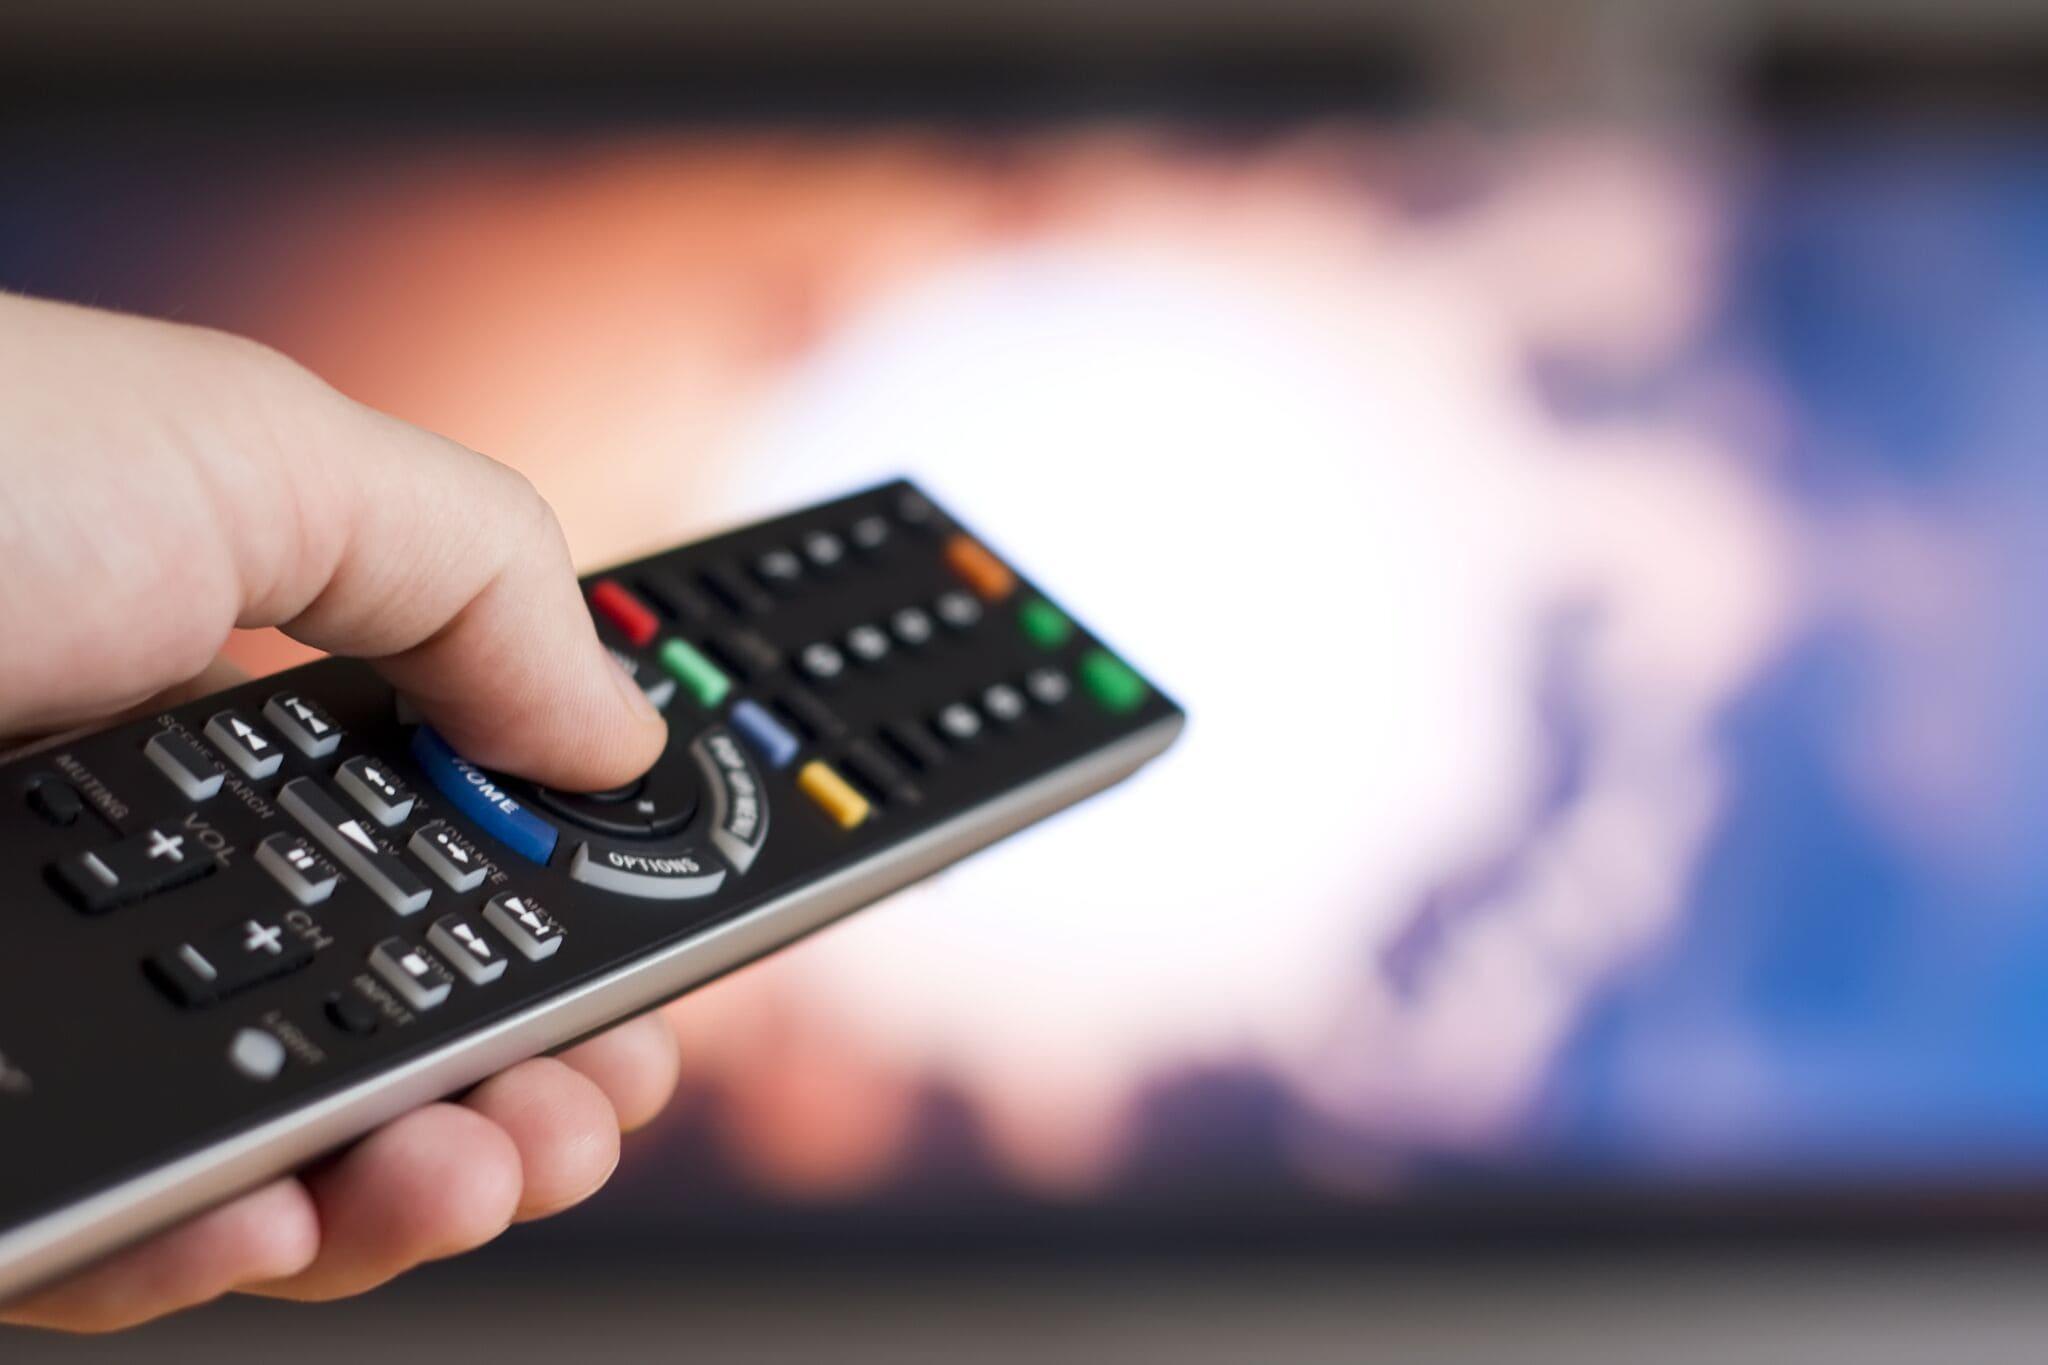 cifrovoe televidenie